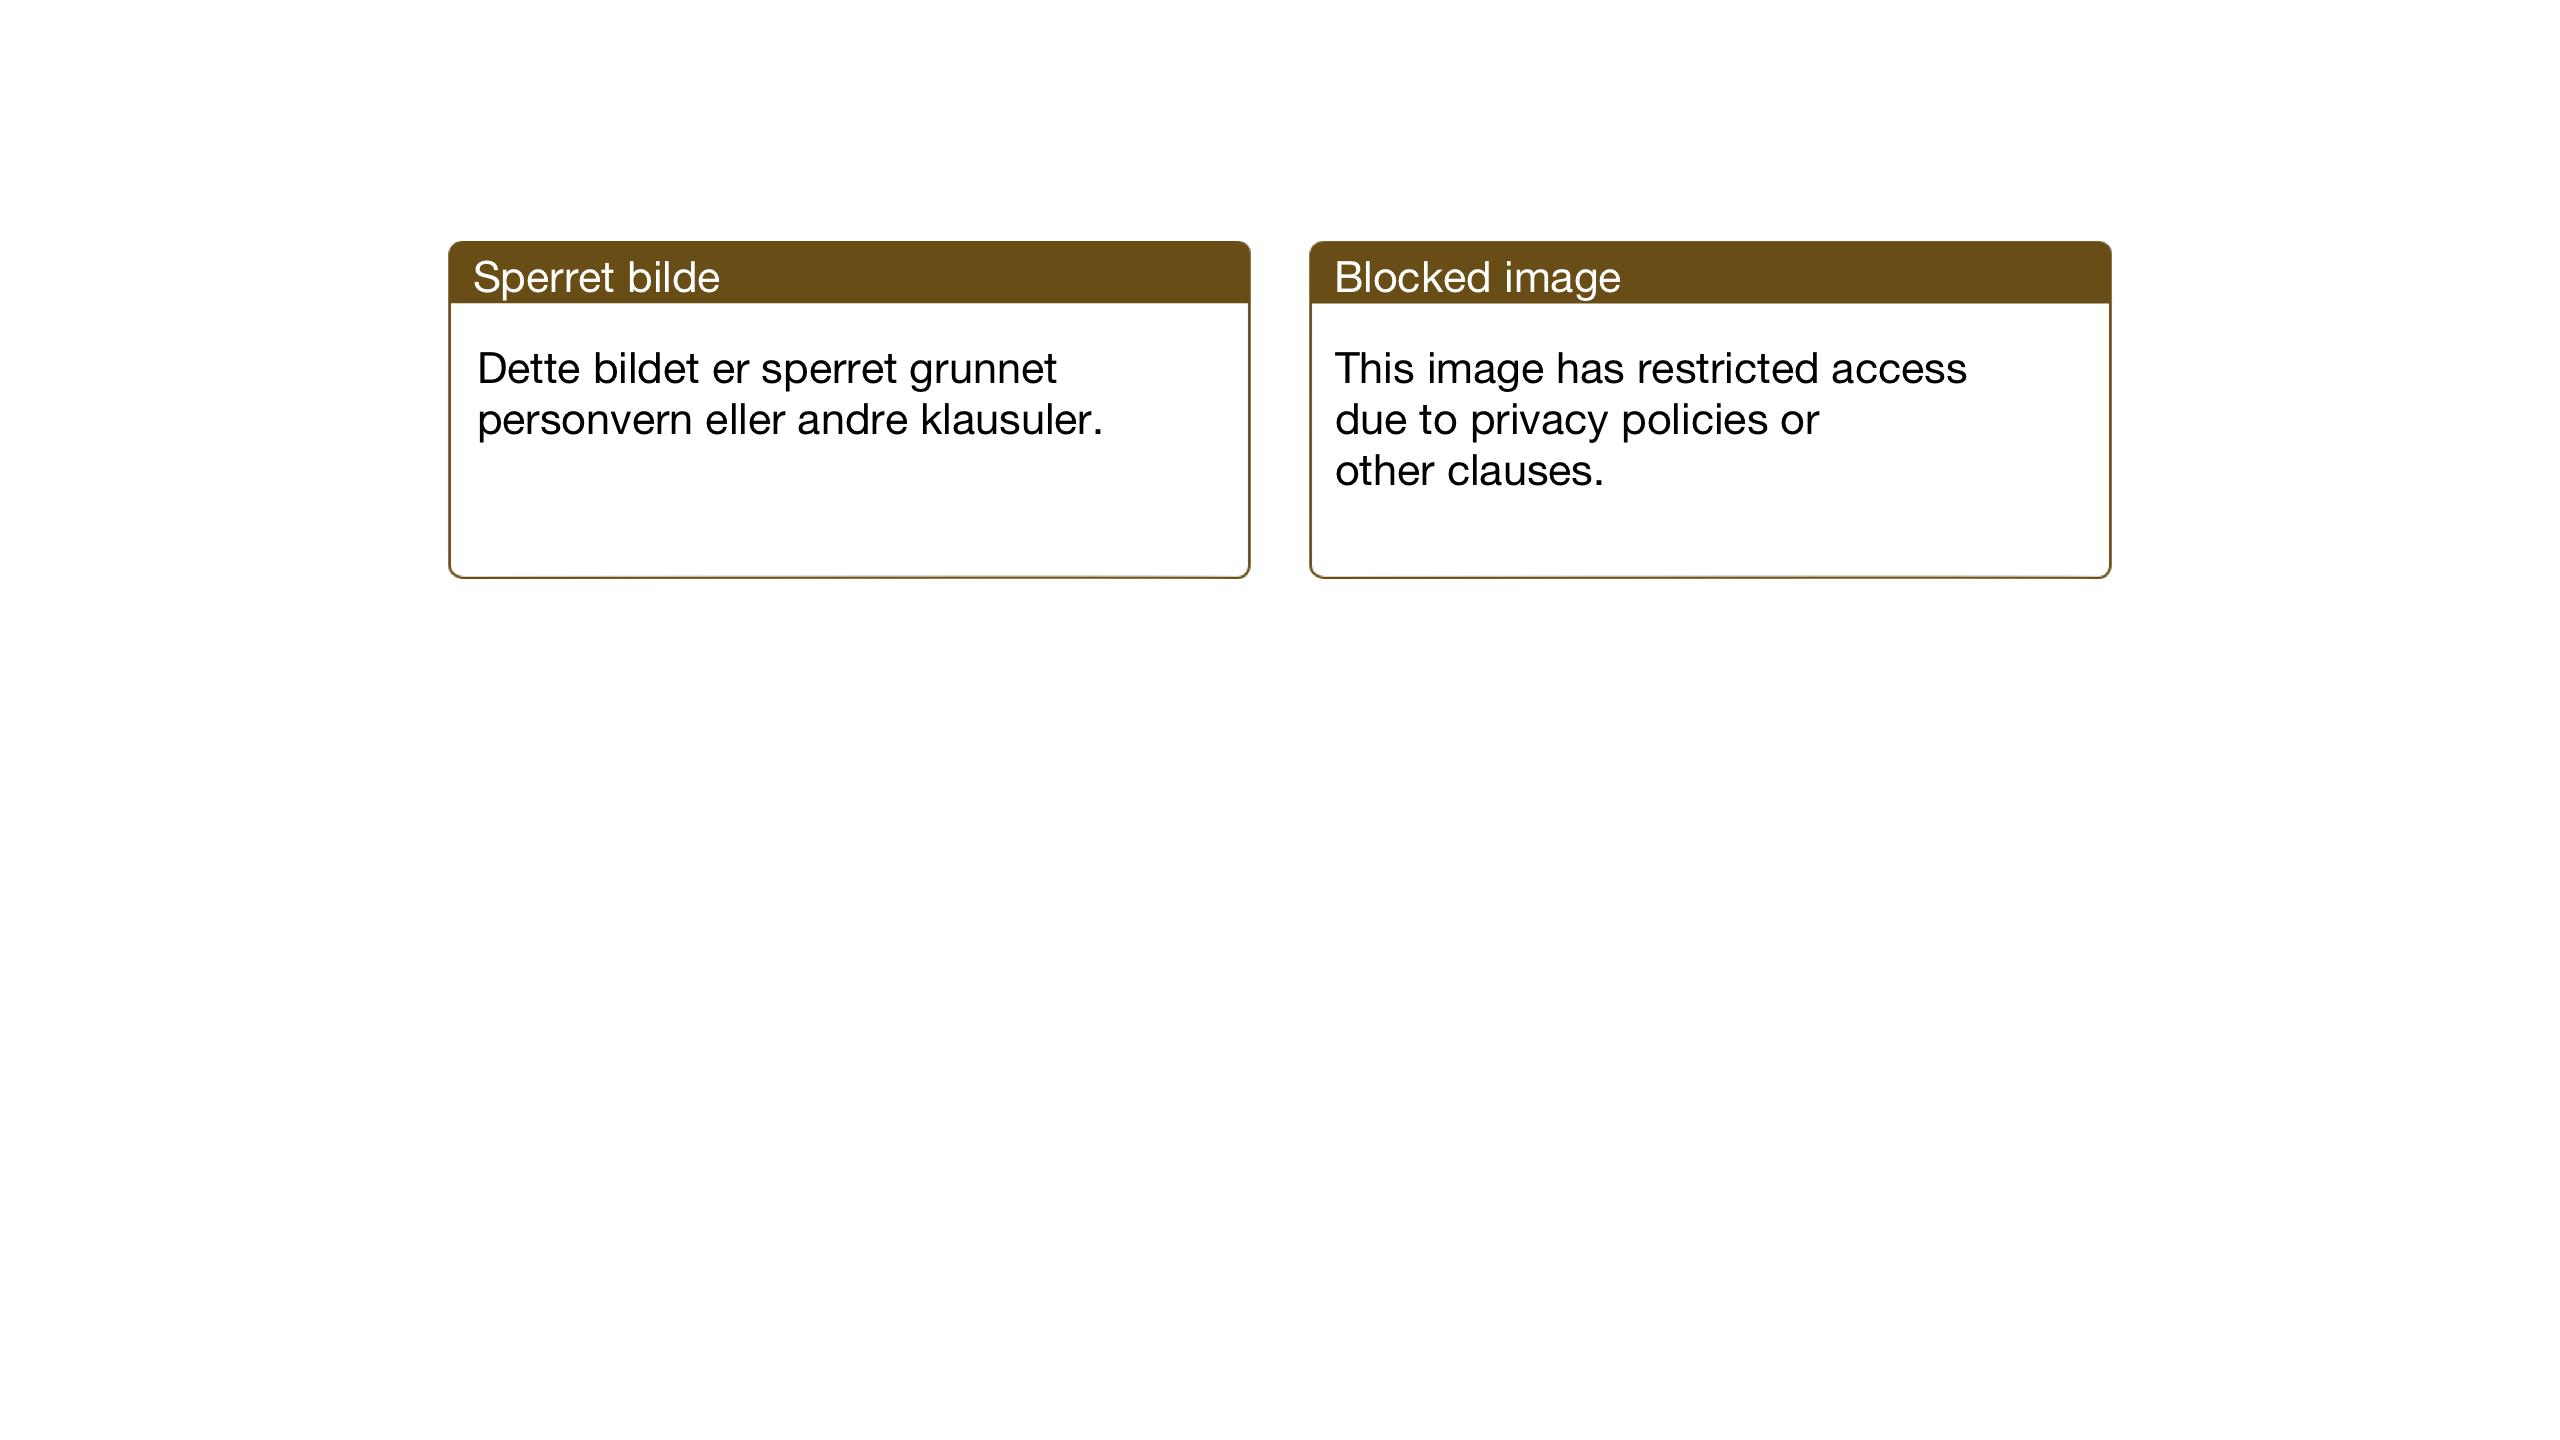 SAT, Ministerialprotokoller, klokkerbøker og fødselsregistre - Sør-Trøndelag, 638/L0569: Klokkerbok nr. 638C01, 1923-1961, s. 49